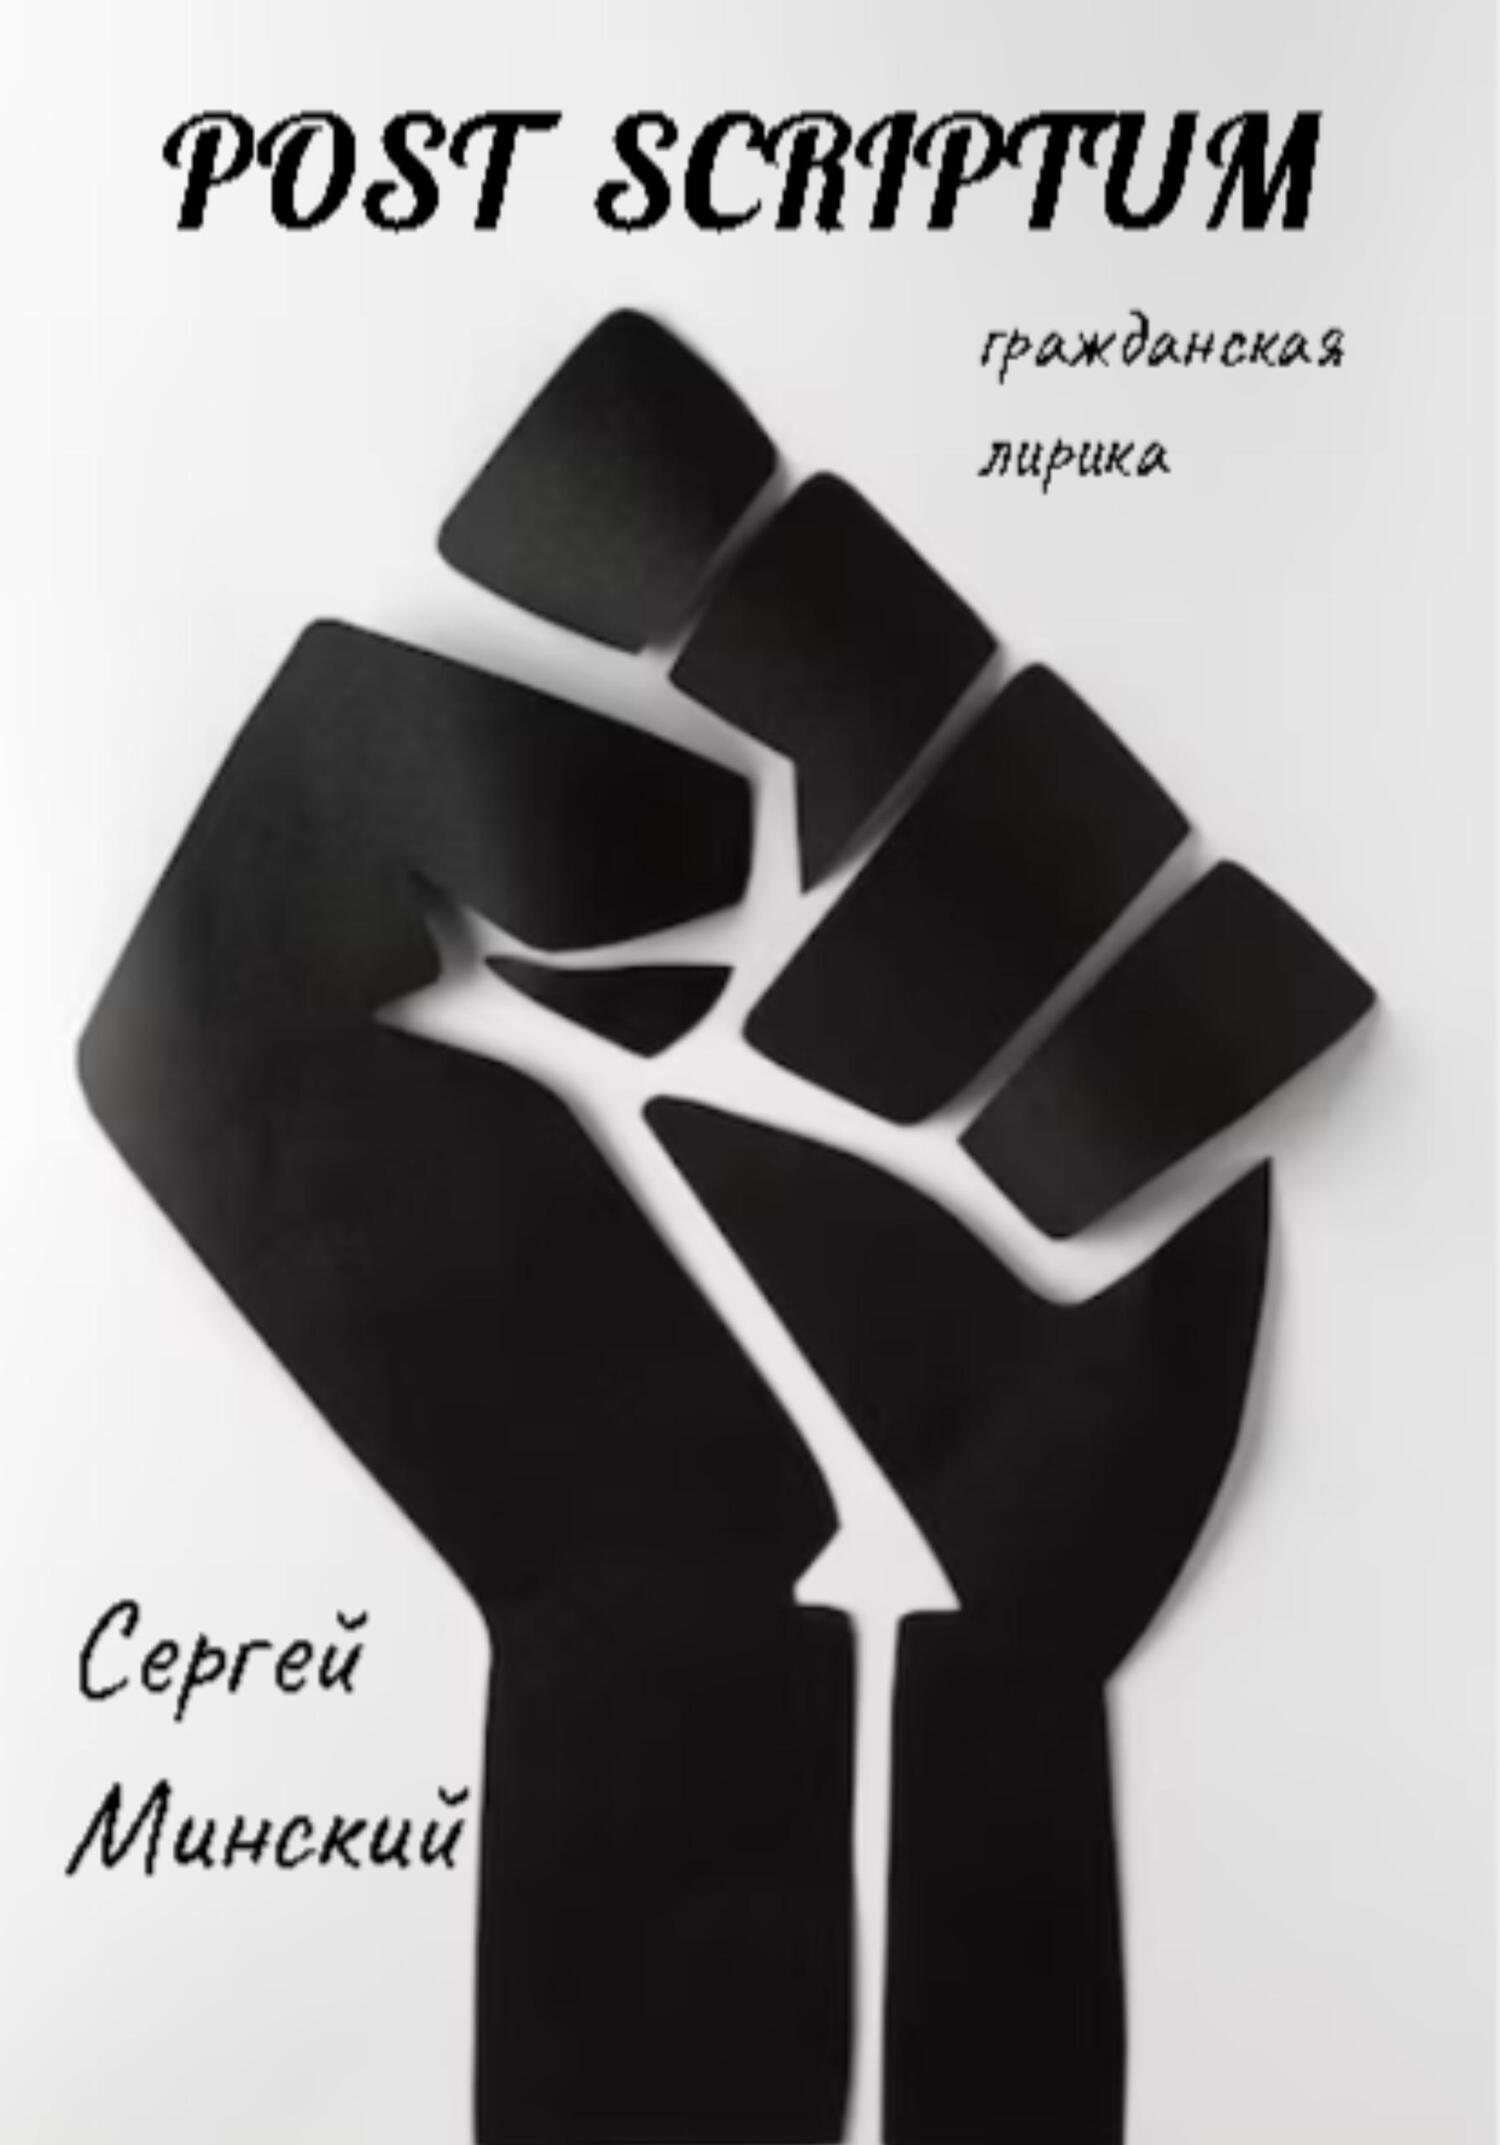 Post Scriptum_Сергей Алексеевич Минский